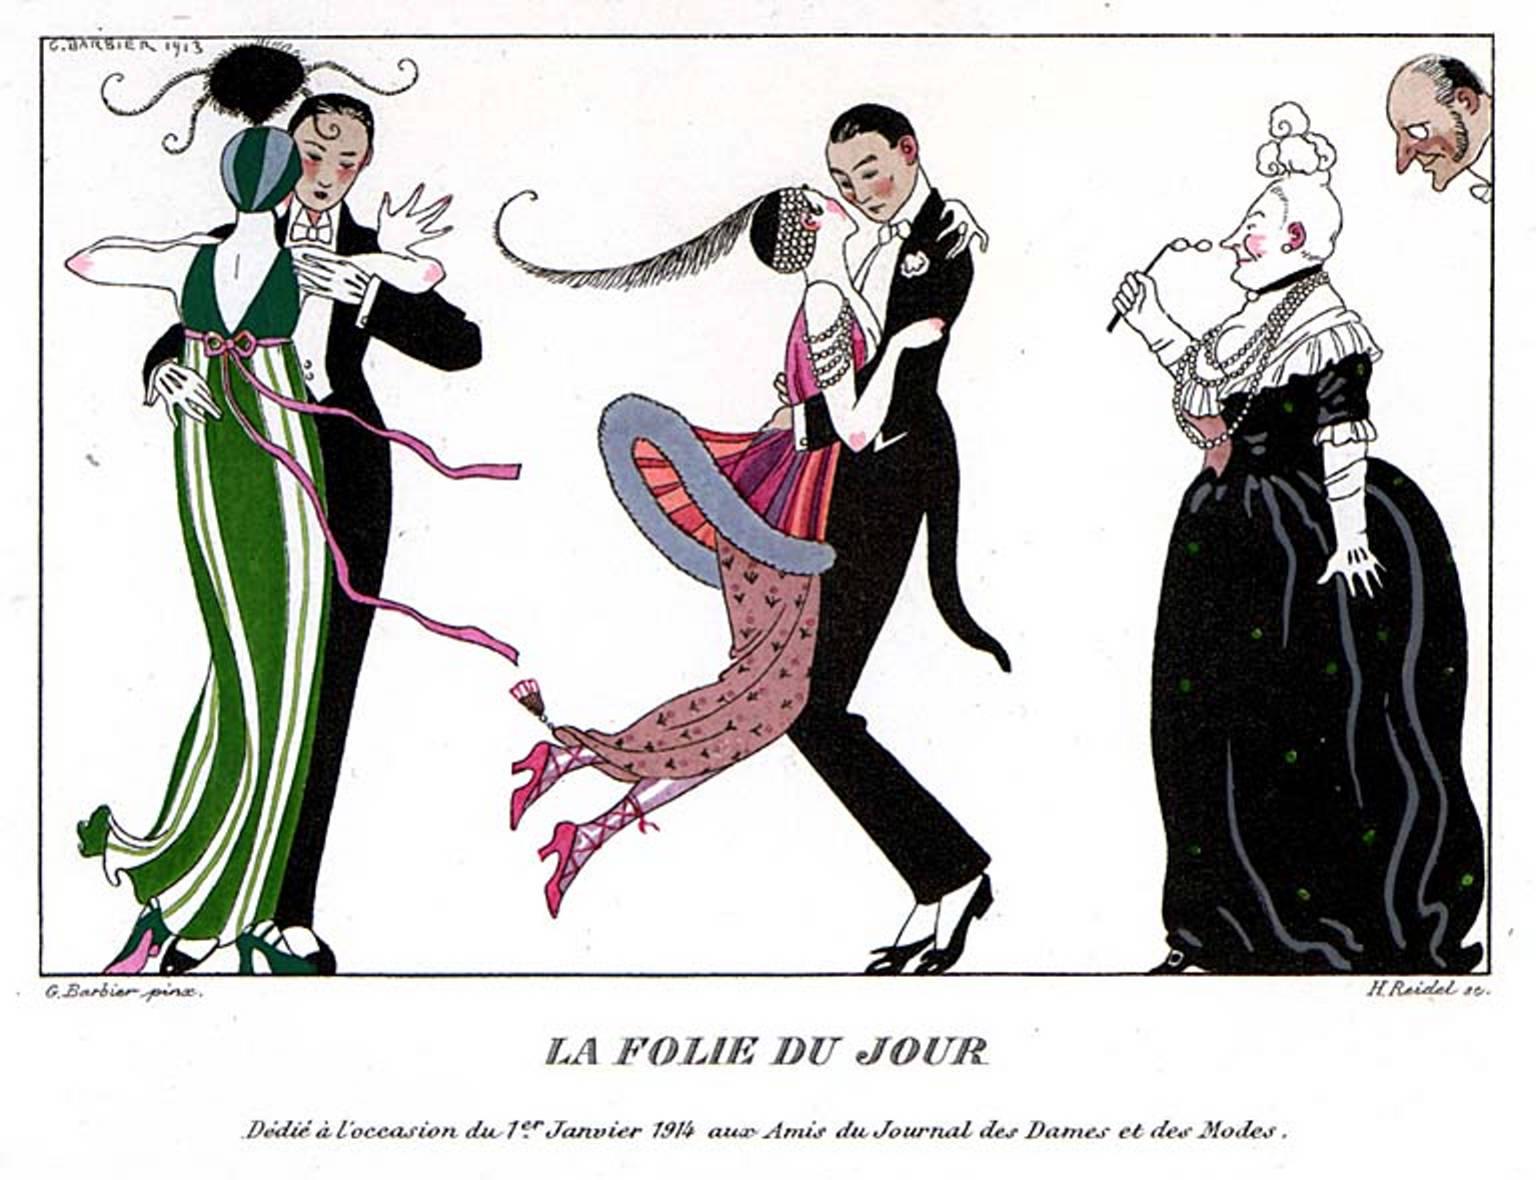 1913 La Folie du Jour George Barbier